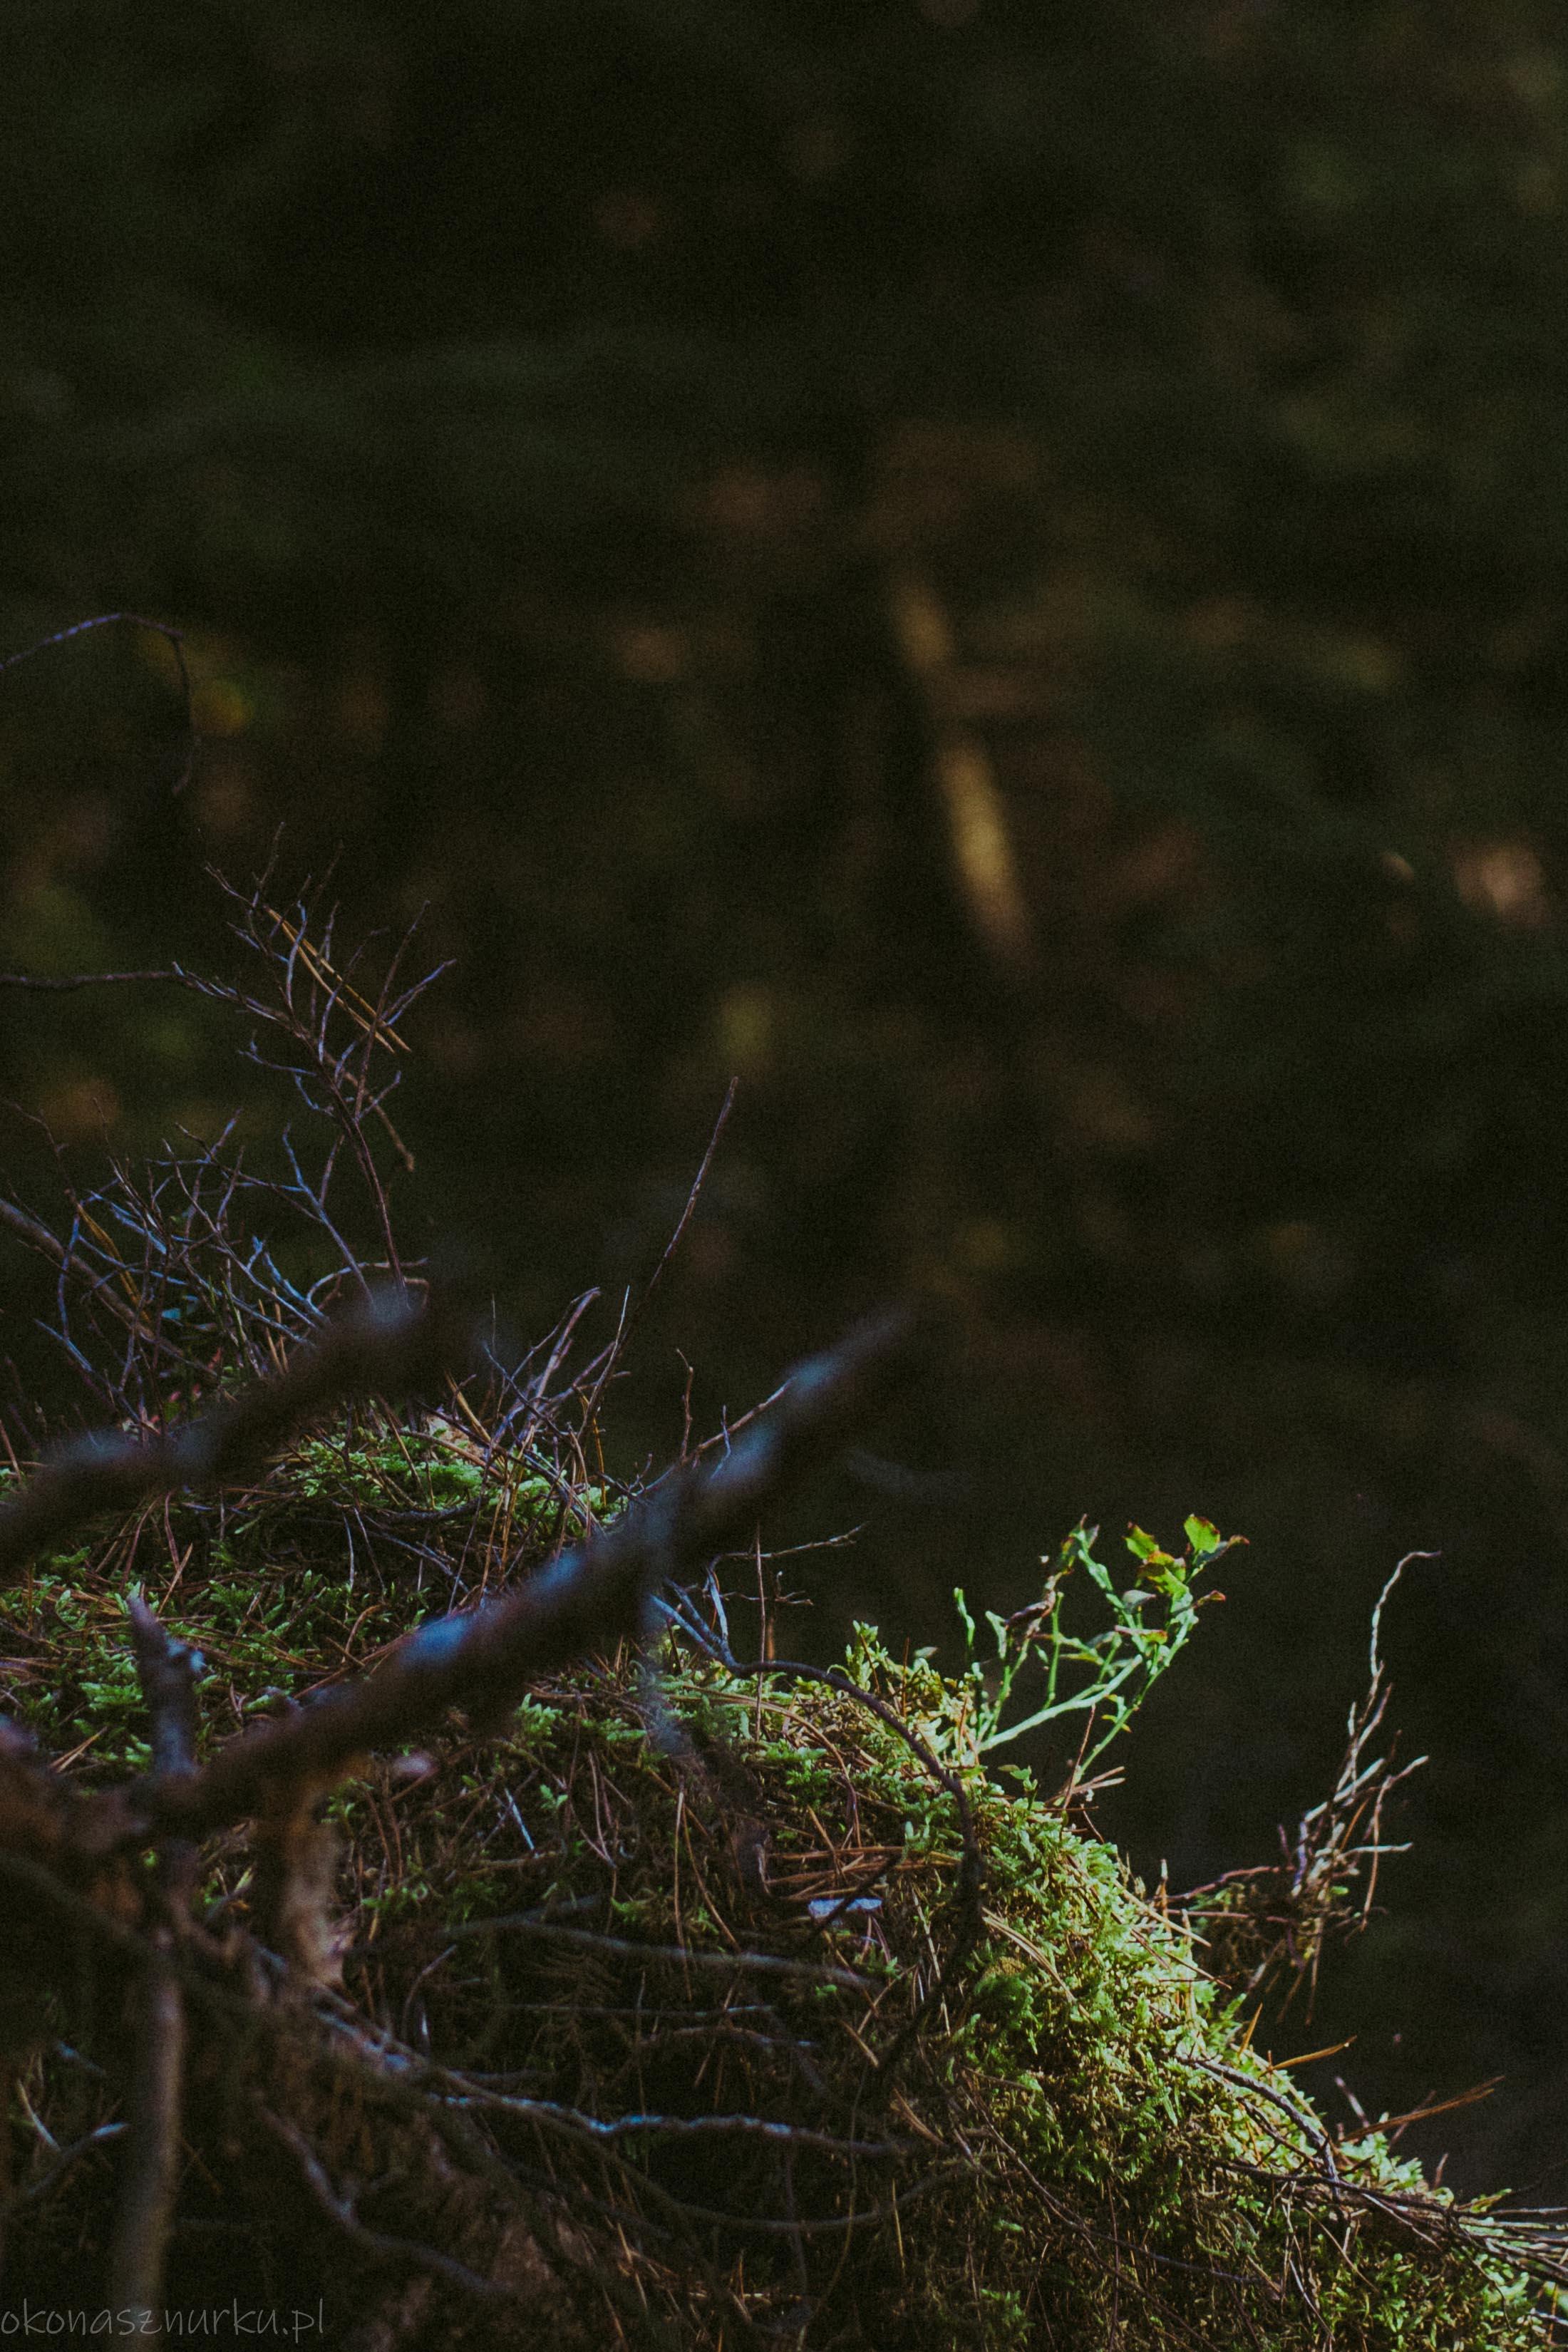 grzybobranie-okonasznurku (34)